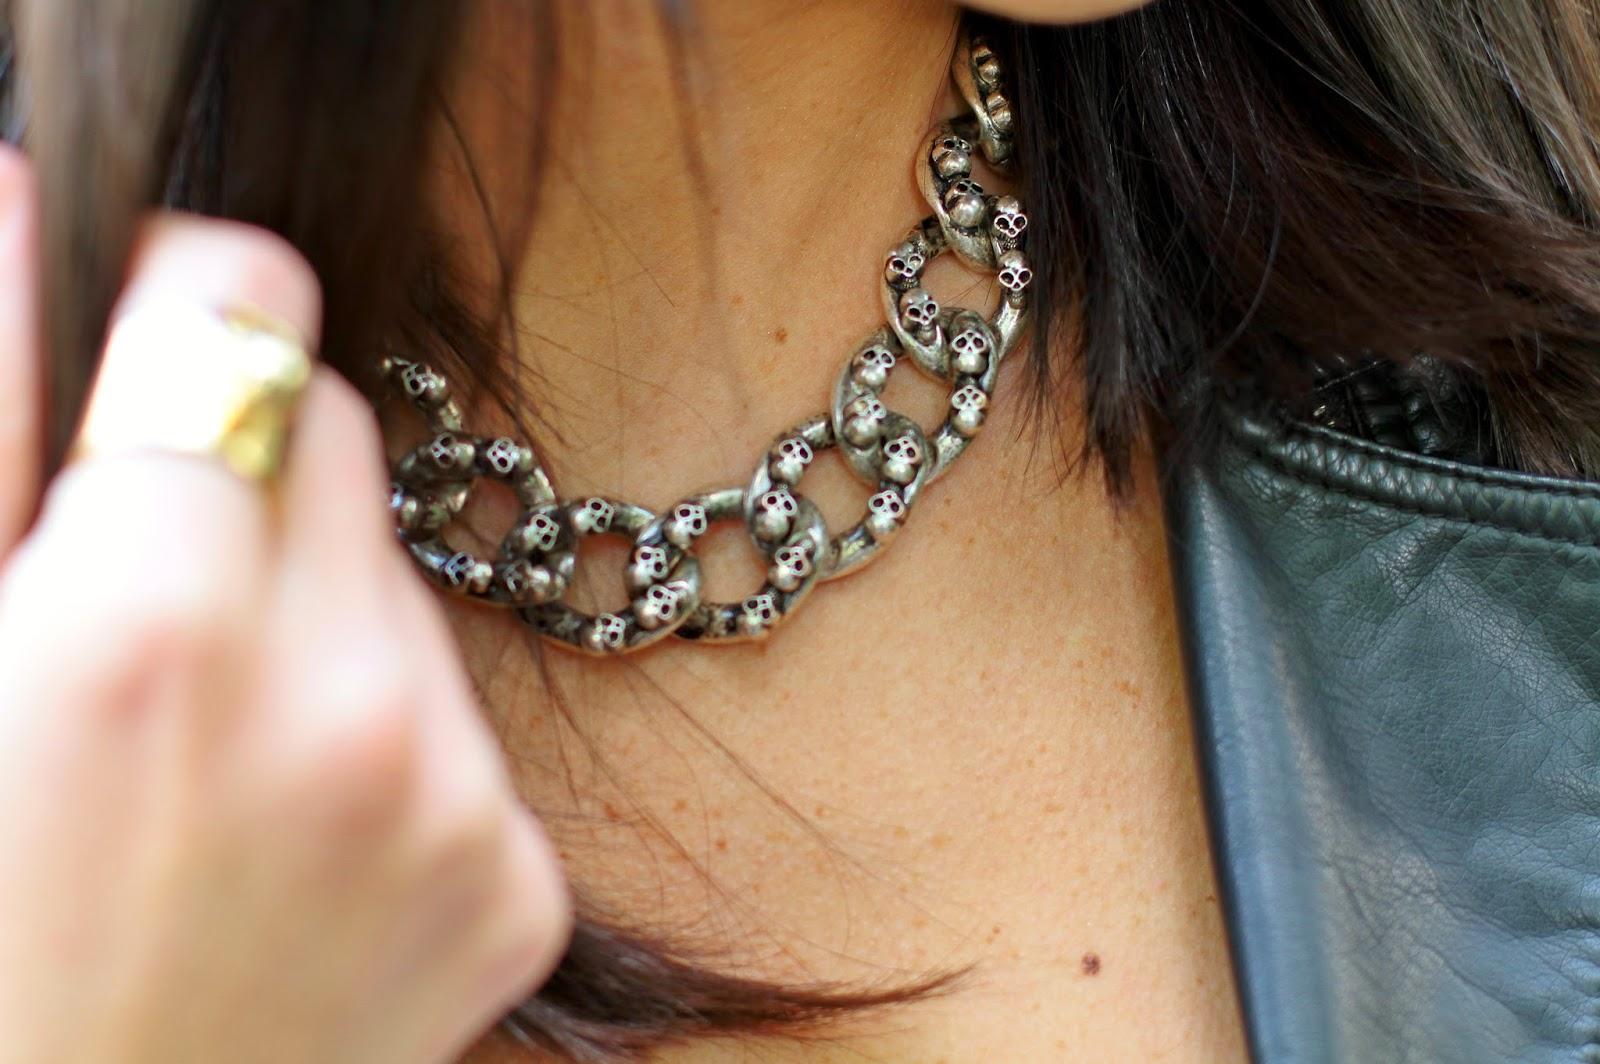 zara-necklace-chain-detail